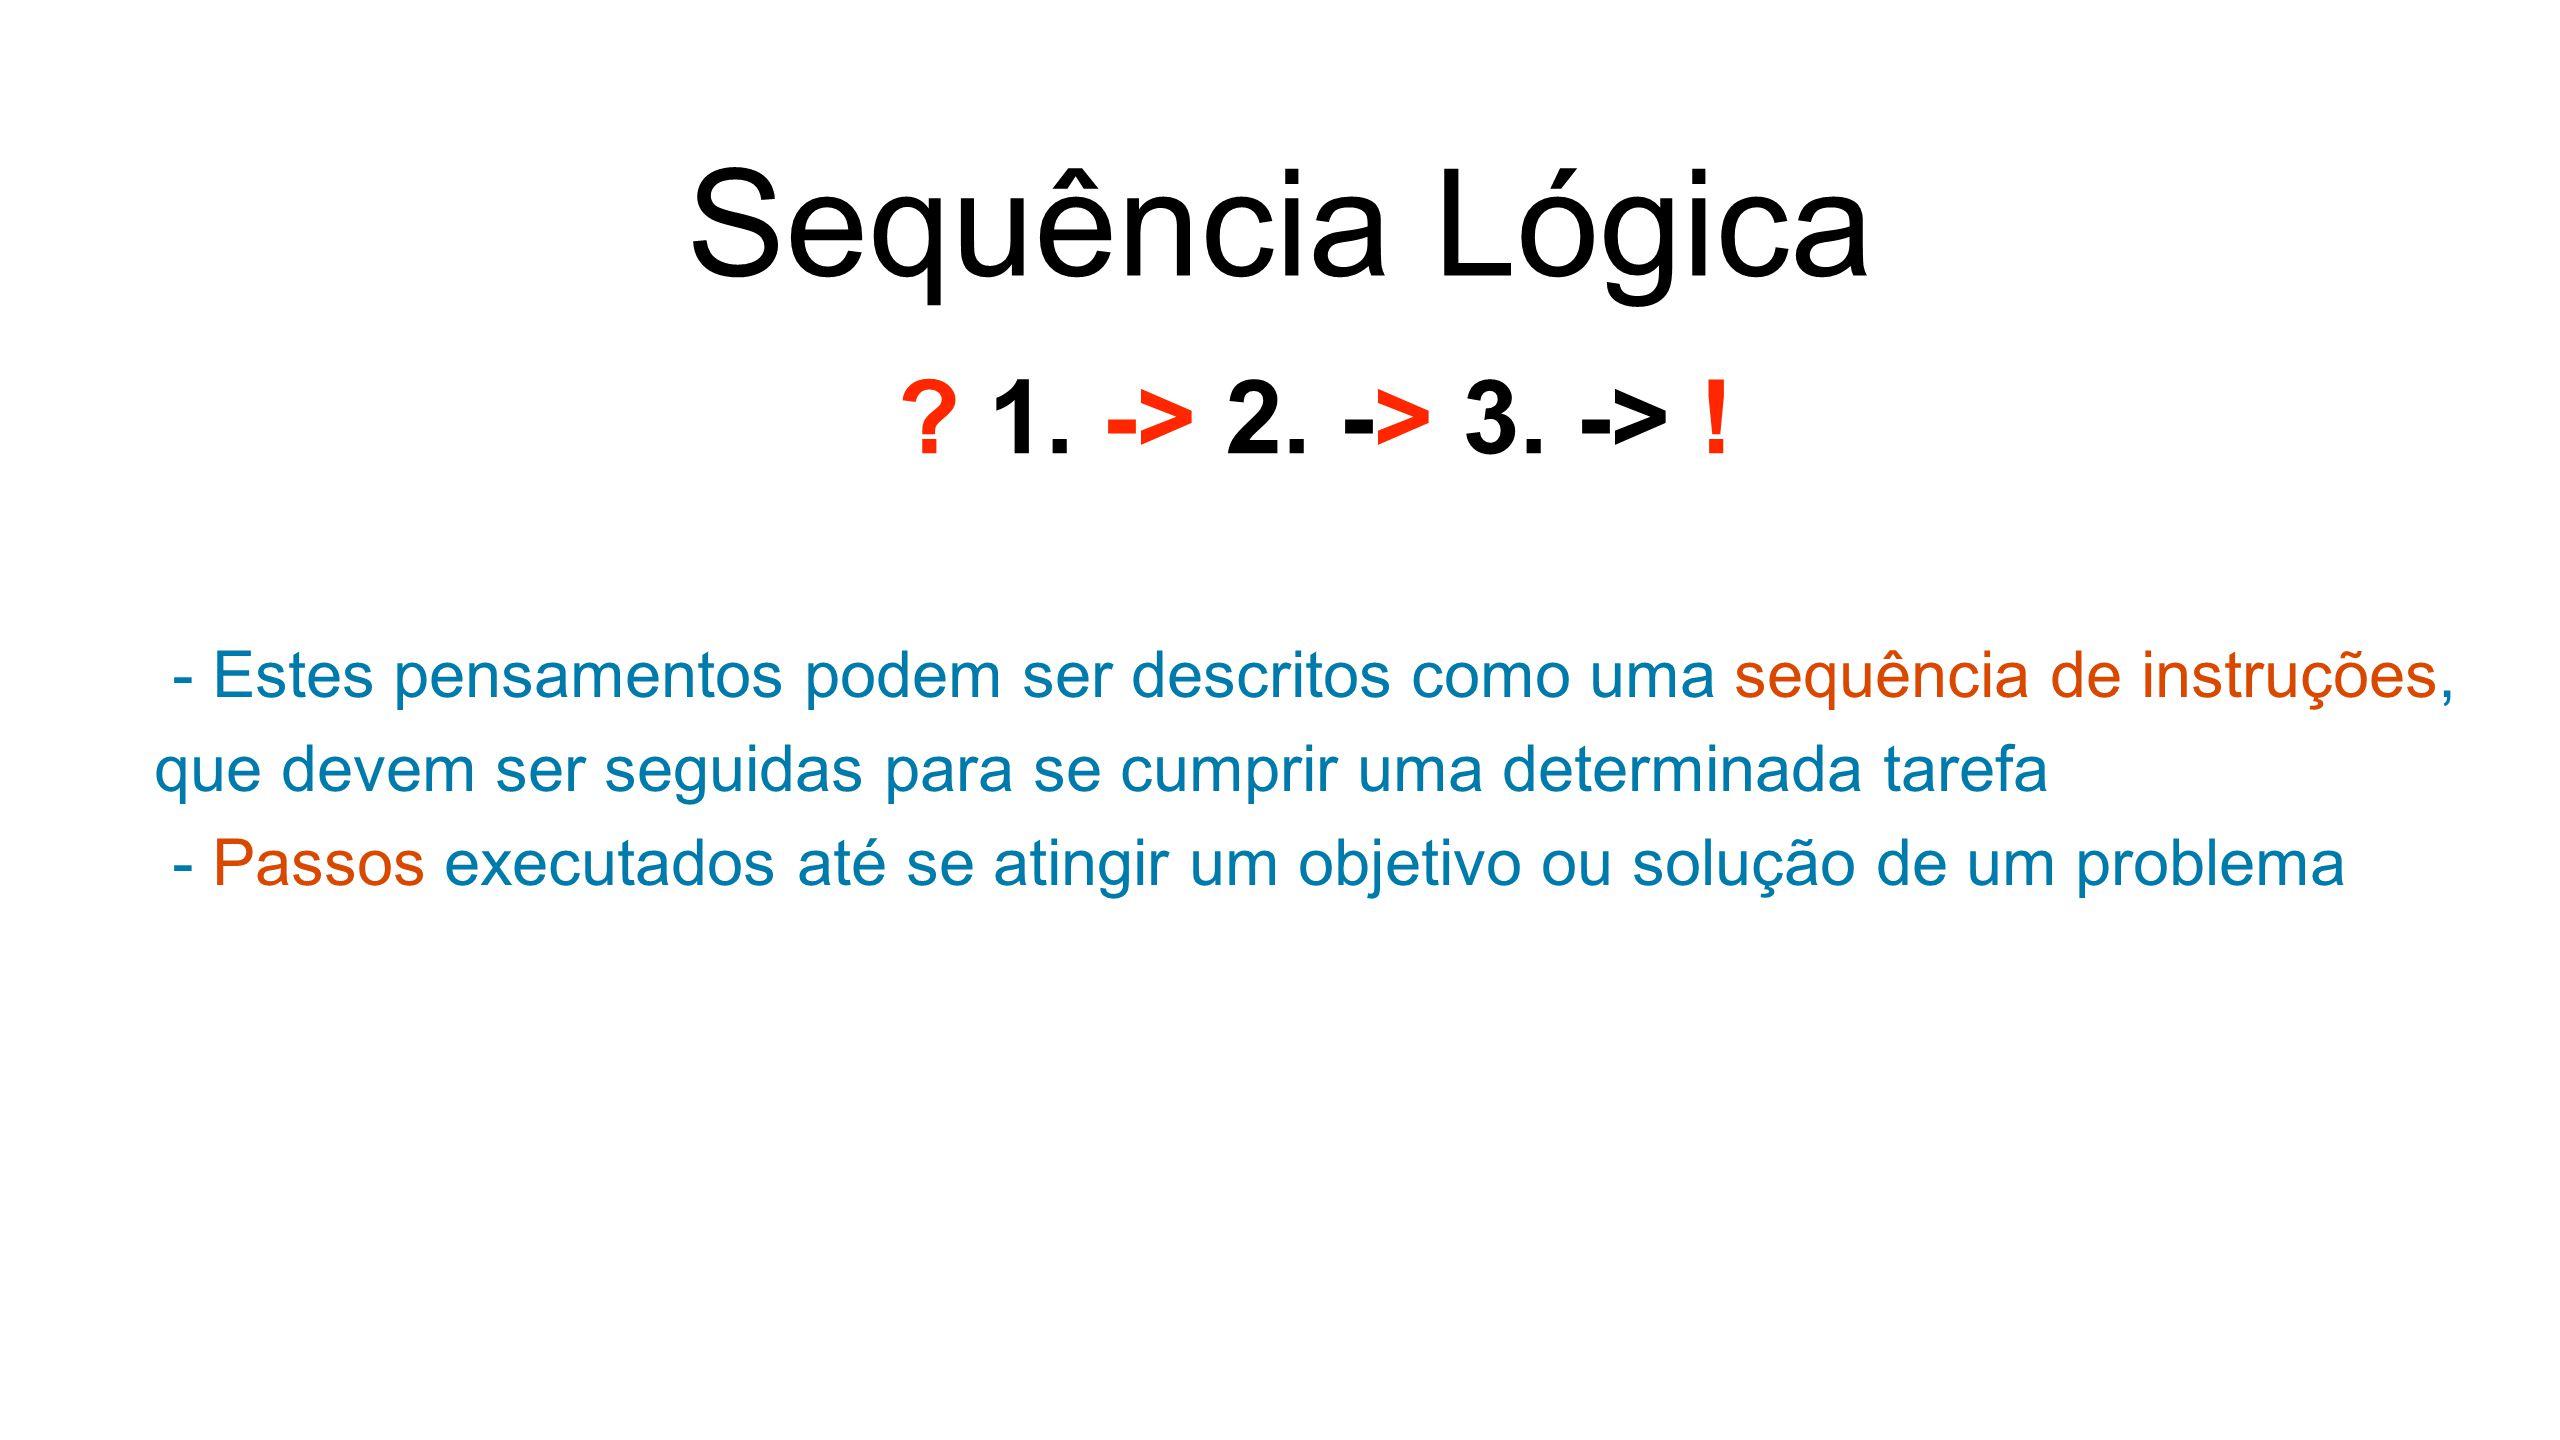 Sequência Lógica 1. -> 2. -> 3. -> !